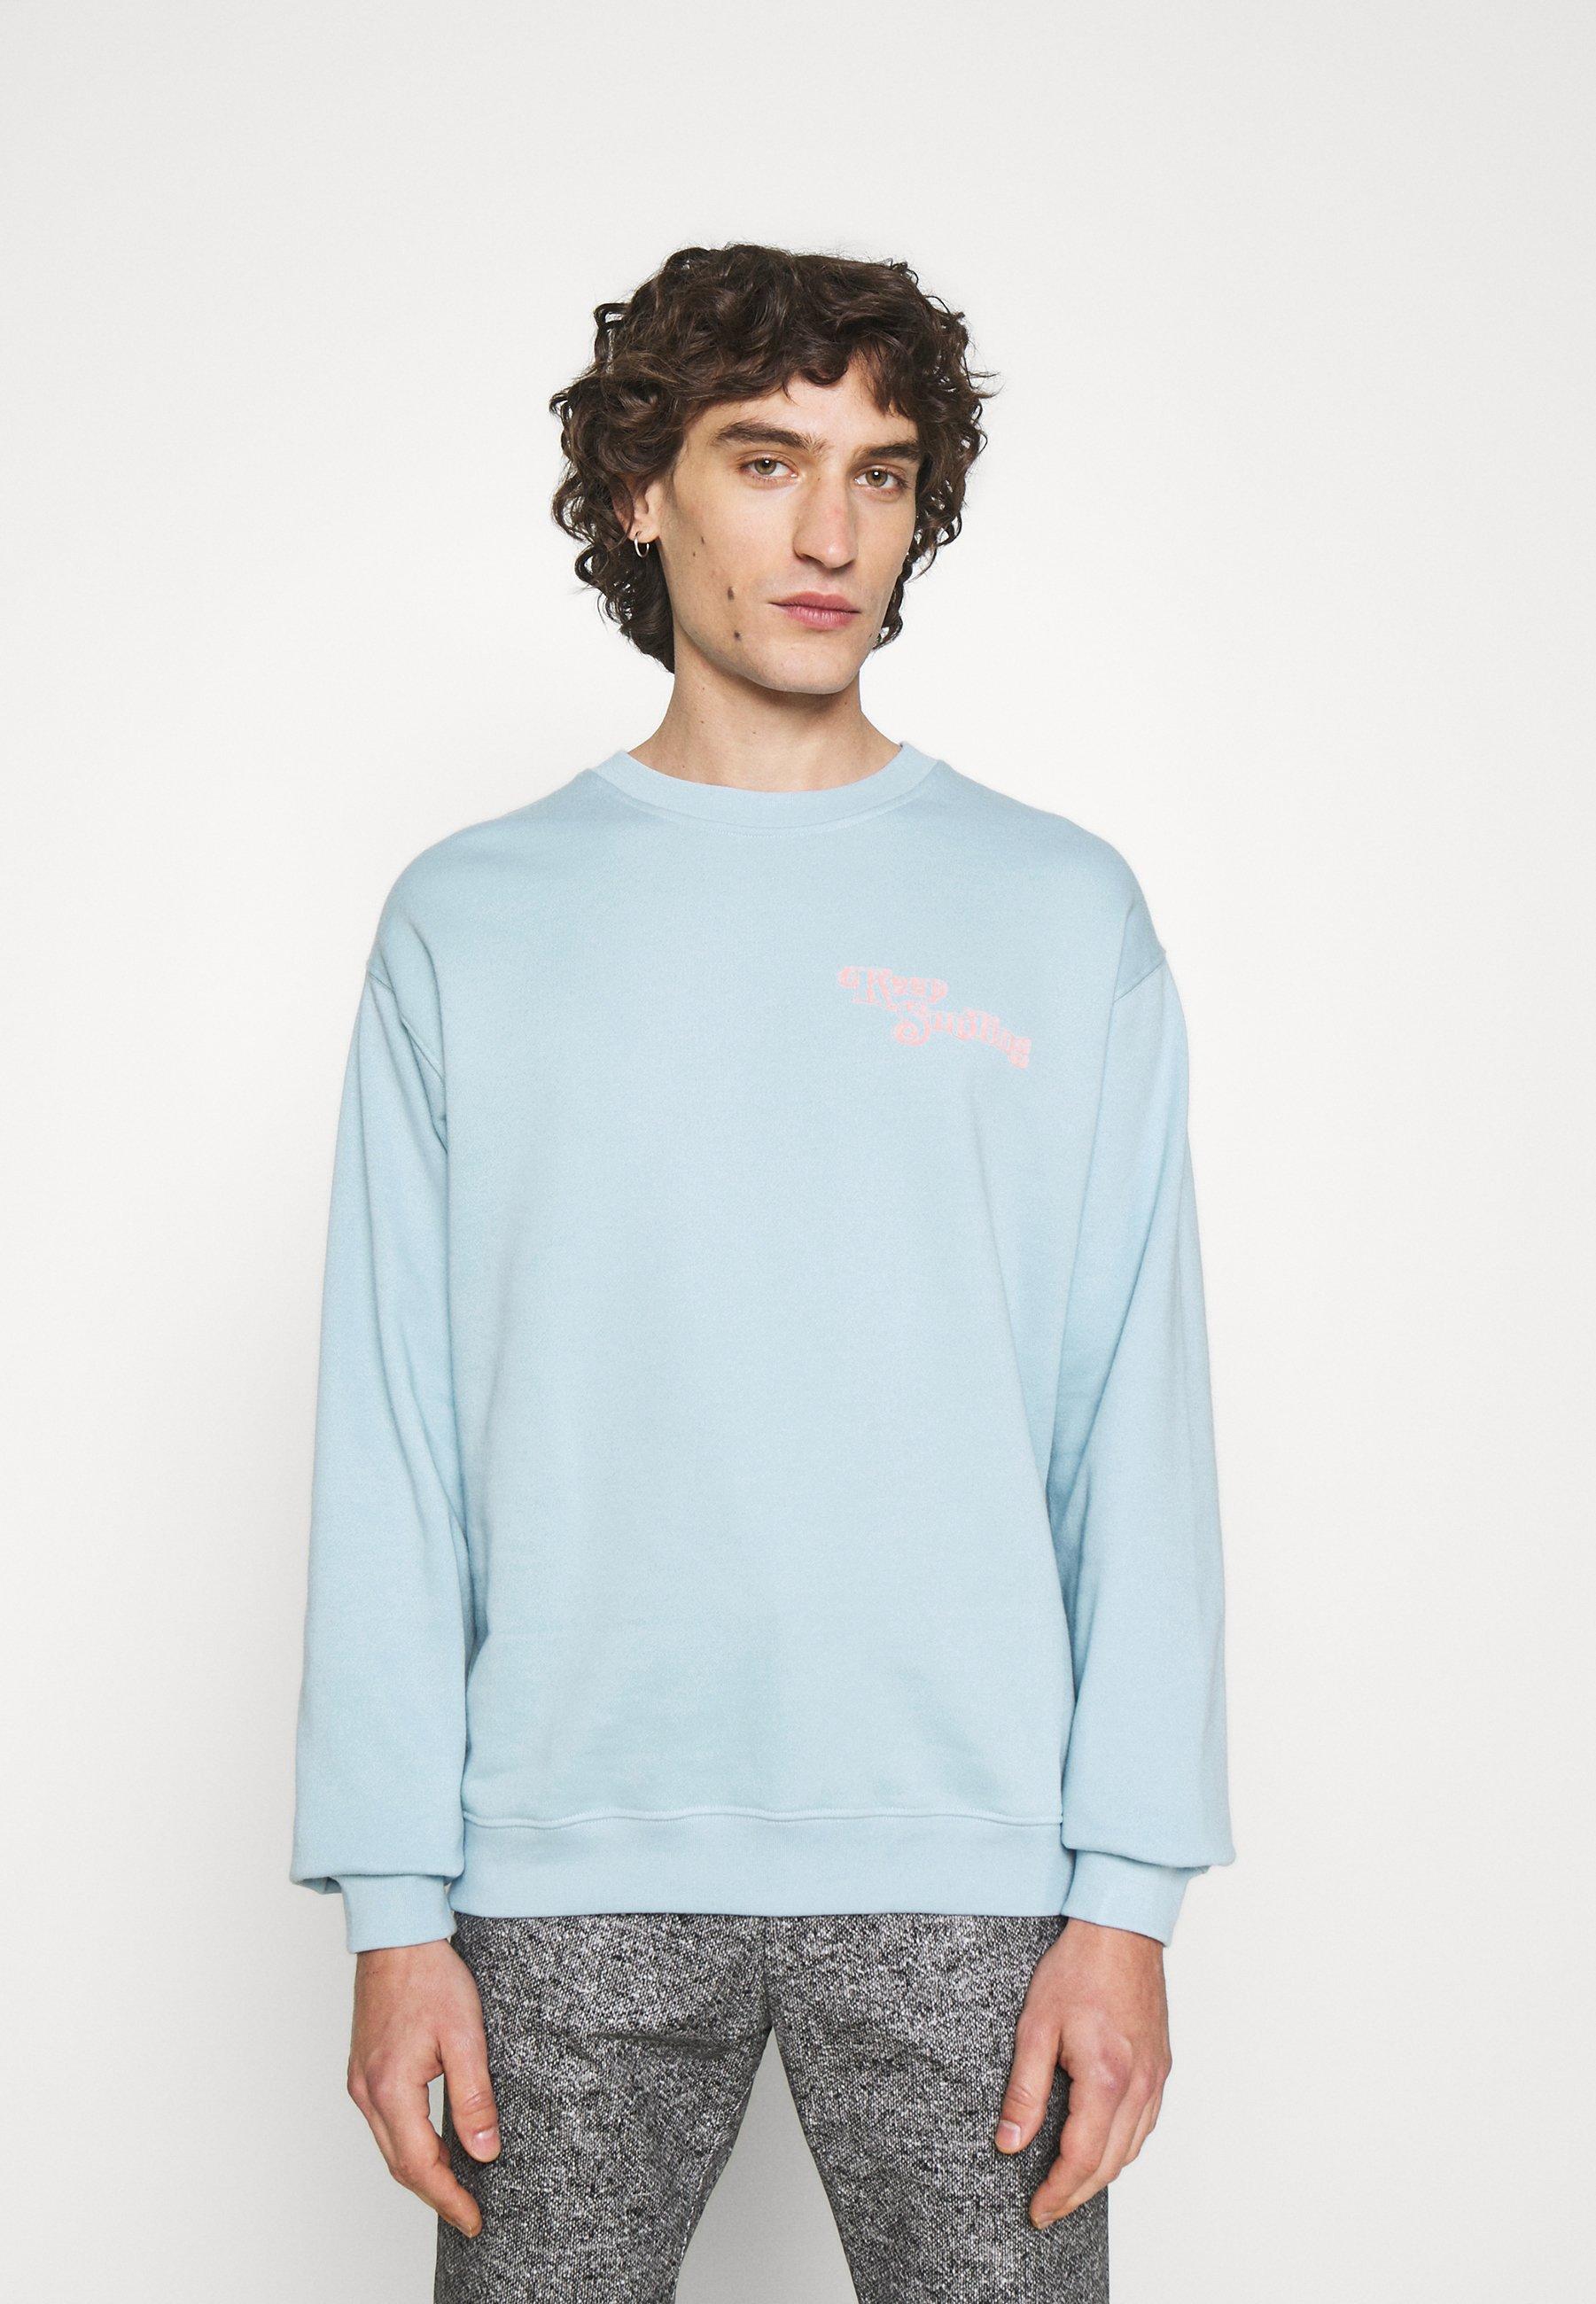 Men LEDRU KEEP SMILING - Sweatshirt